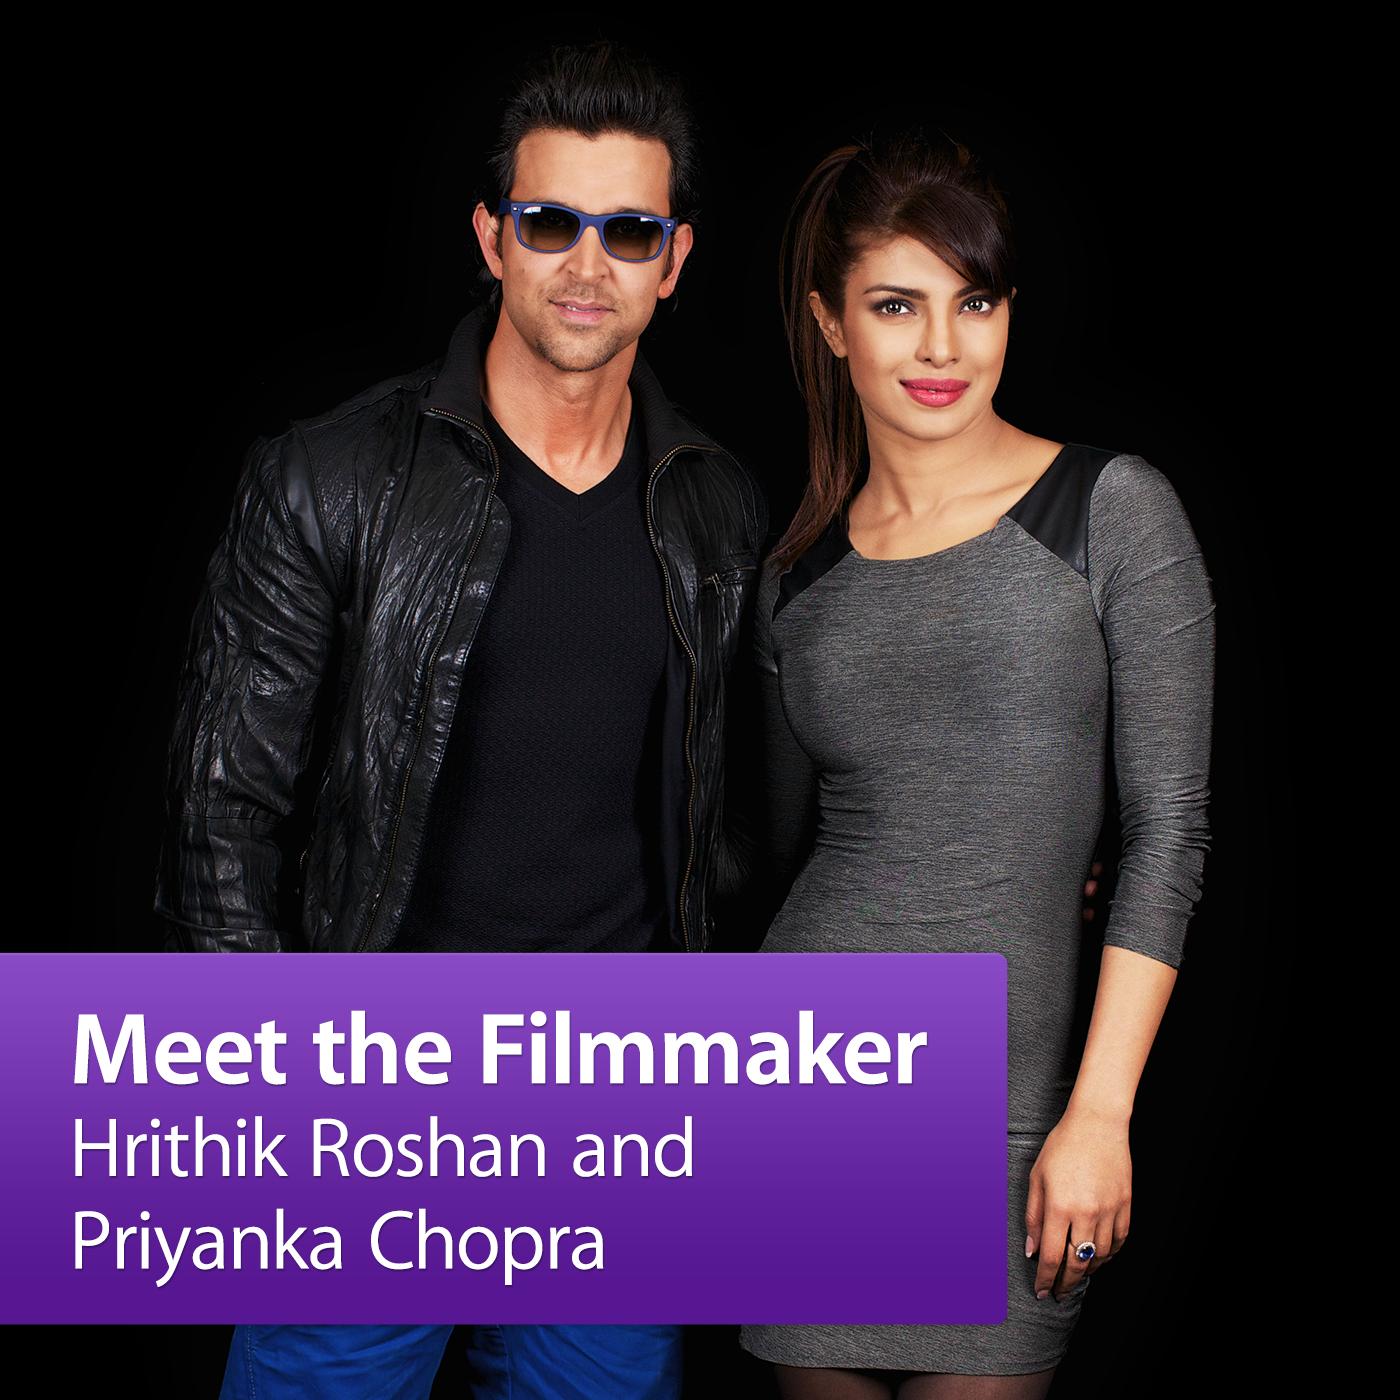 Hrithik Roshan and Priyanka Chopra: Meet the Filmmaker